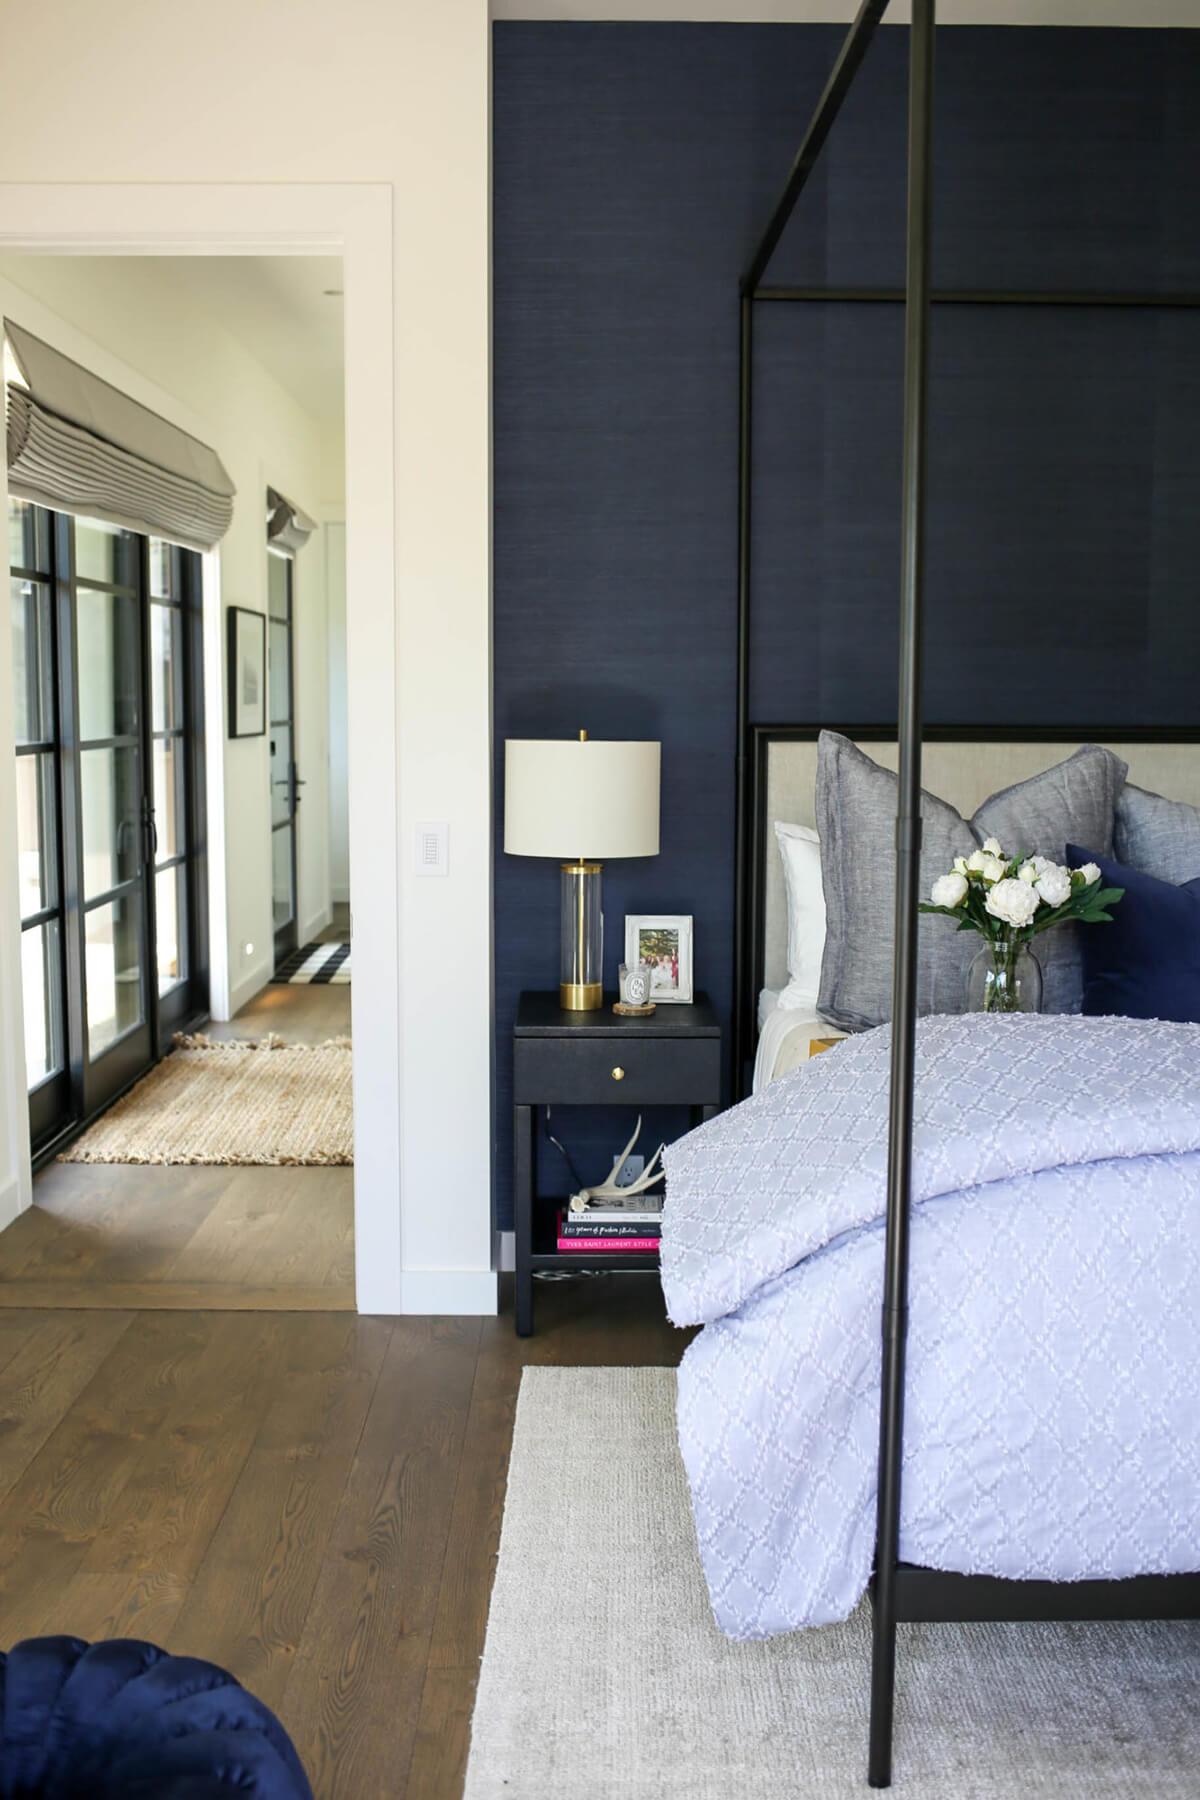 спальня в тёмно-синих тонах фото 1